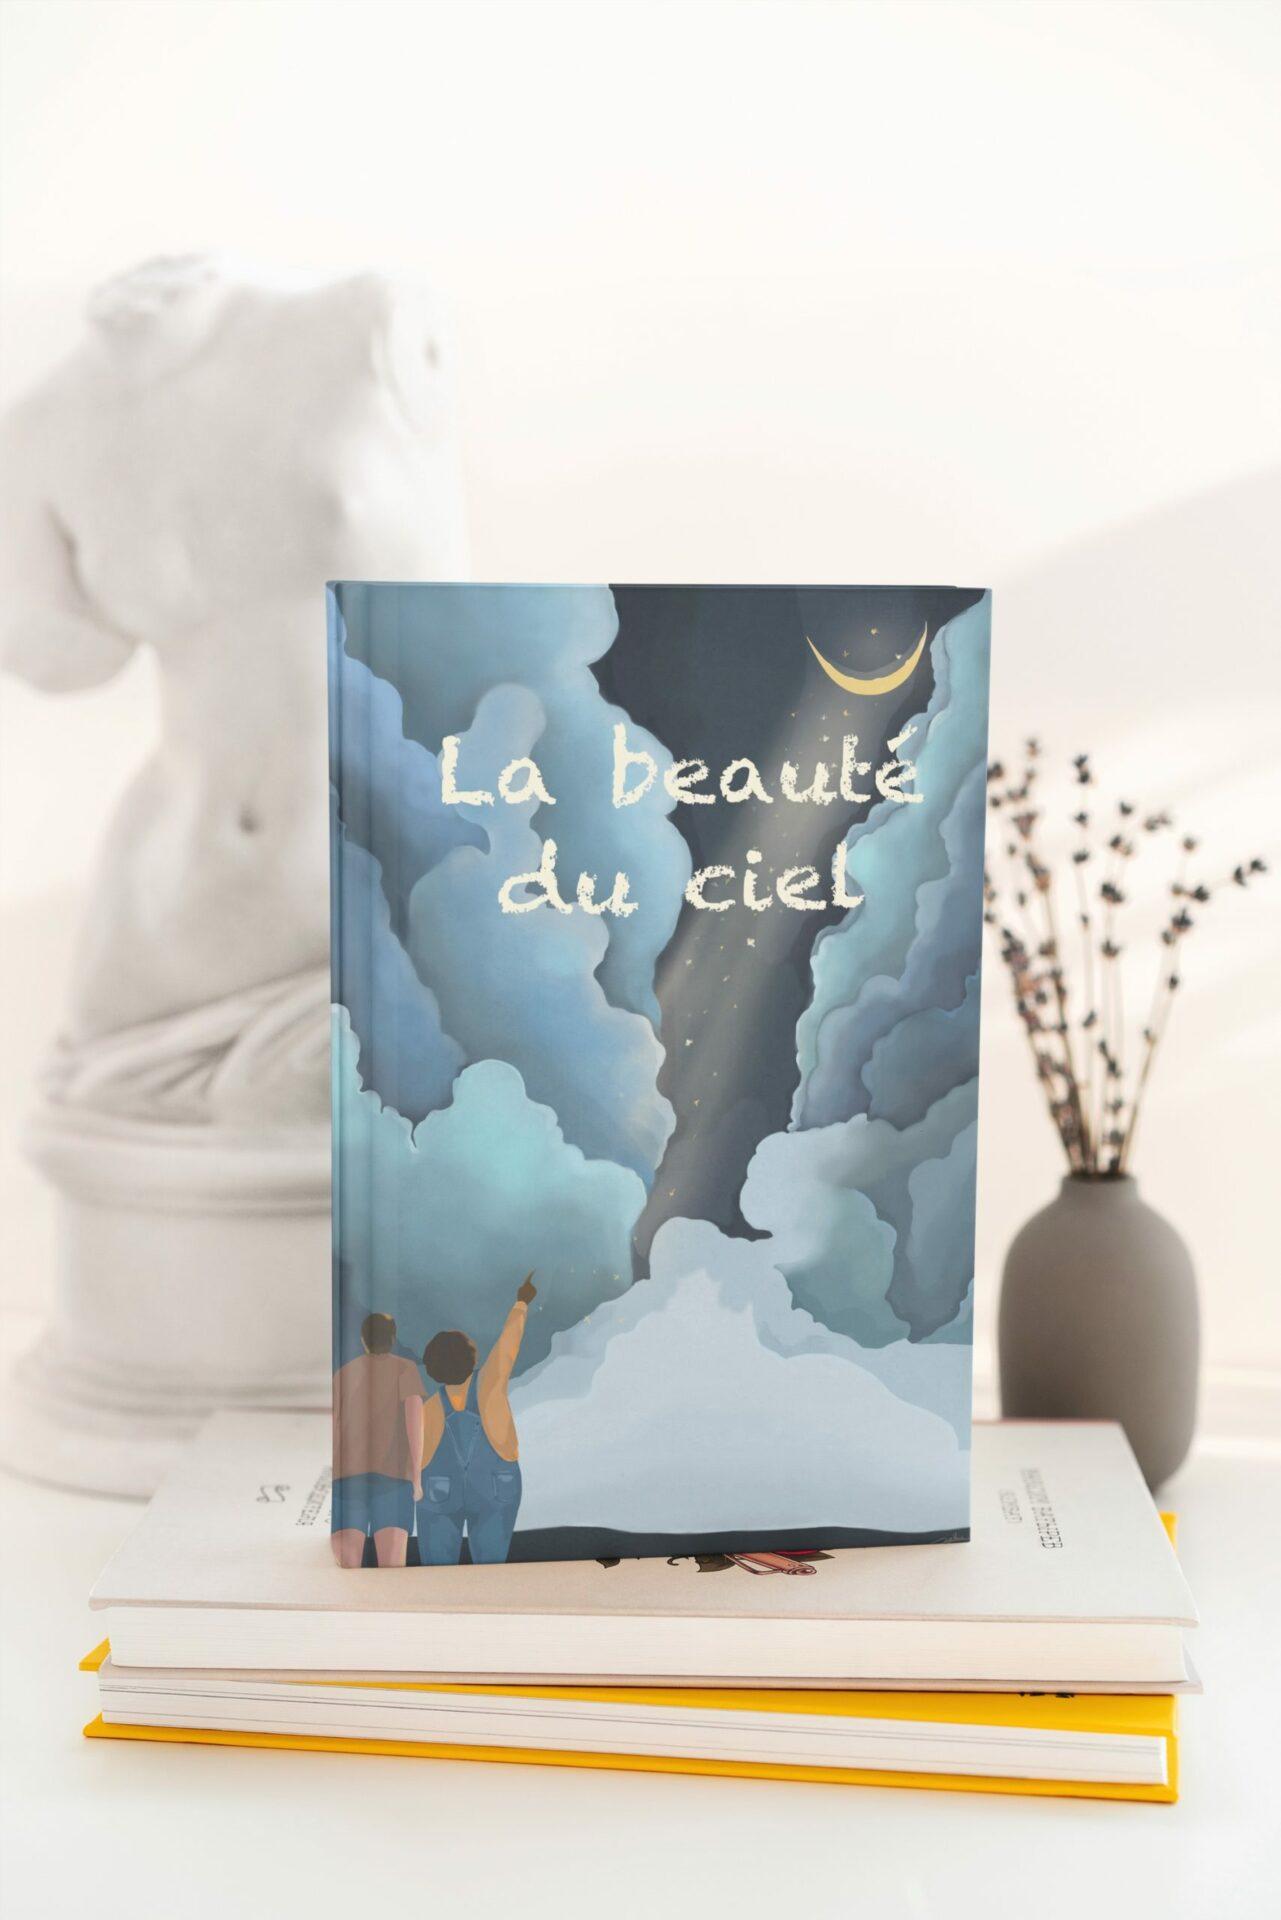 Mock up livre illustration de couverture par Cynthia Artstudio